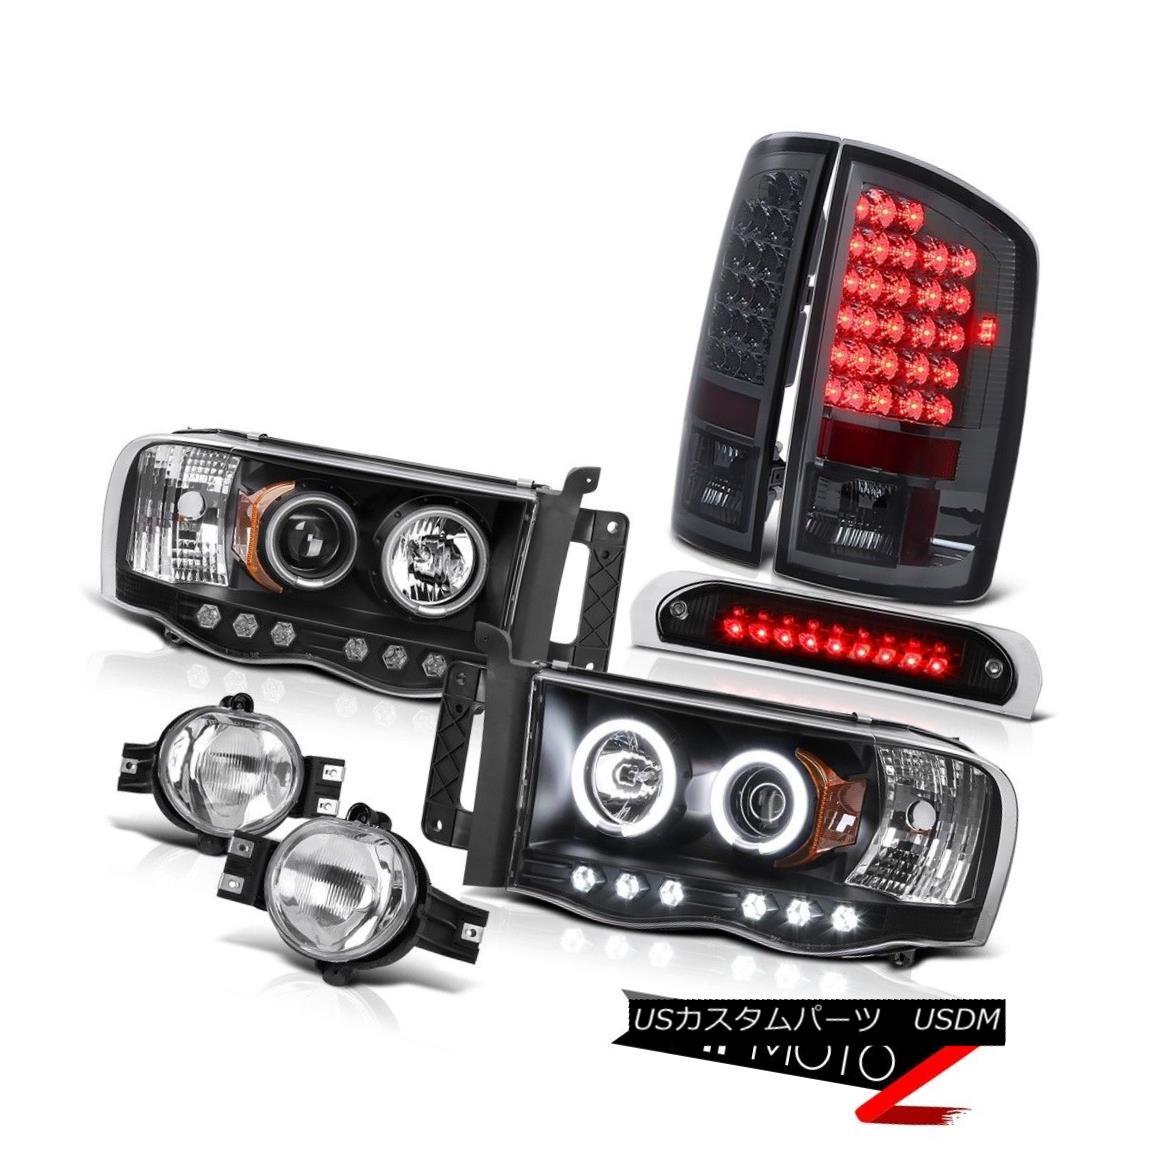 ヘッドライト 02-05 Ram TurboDiesel DRL Headlight LED Taillights Foglights Roof Brake Cargo 02-05ラムターボディーゼルDRLヘッドライトLEDテールライトフォグライトルーフブレーキカーゴ